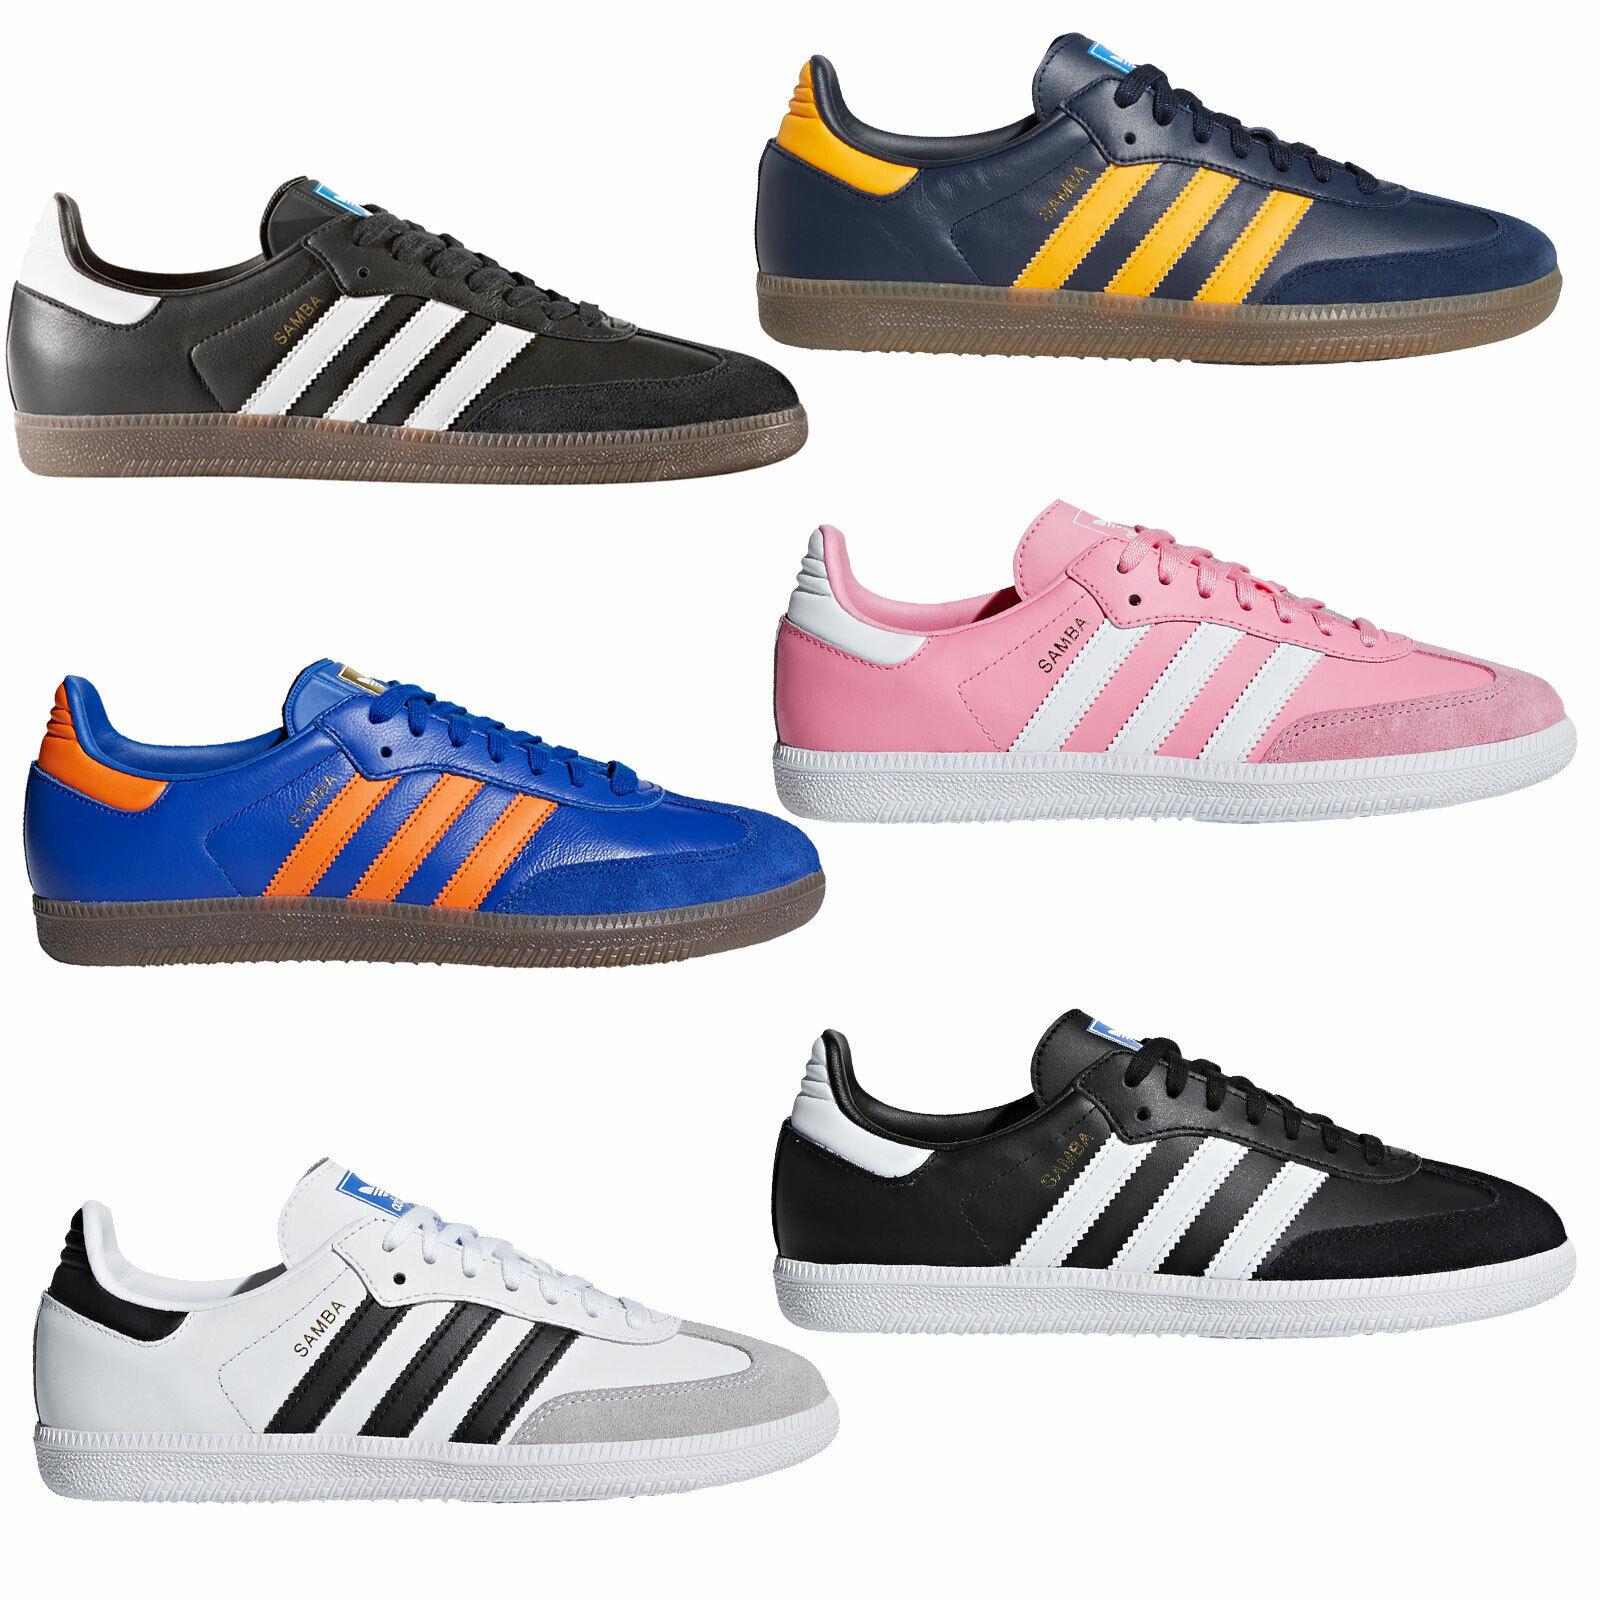 Adidas Originals Samba Damen-Turnschuhe Turnschuhe Sportschuhe Lederschuhe Schuhe